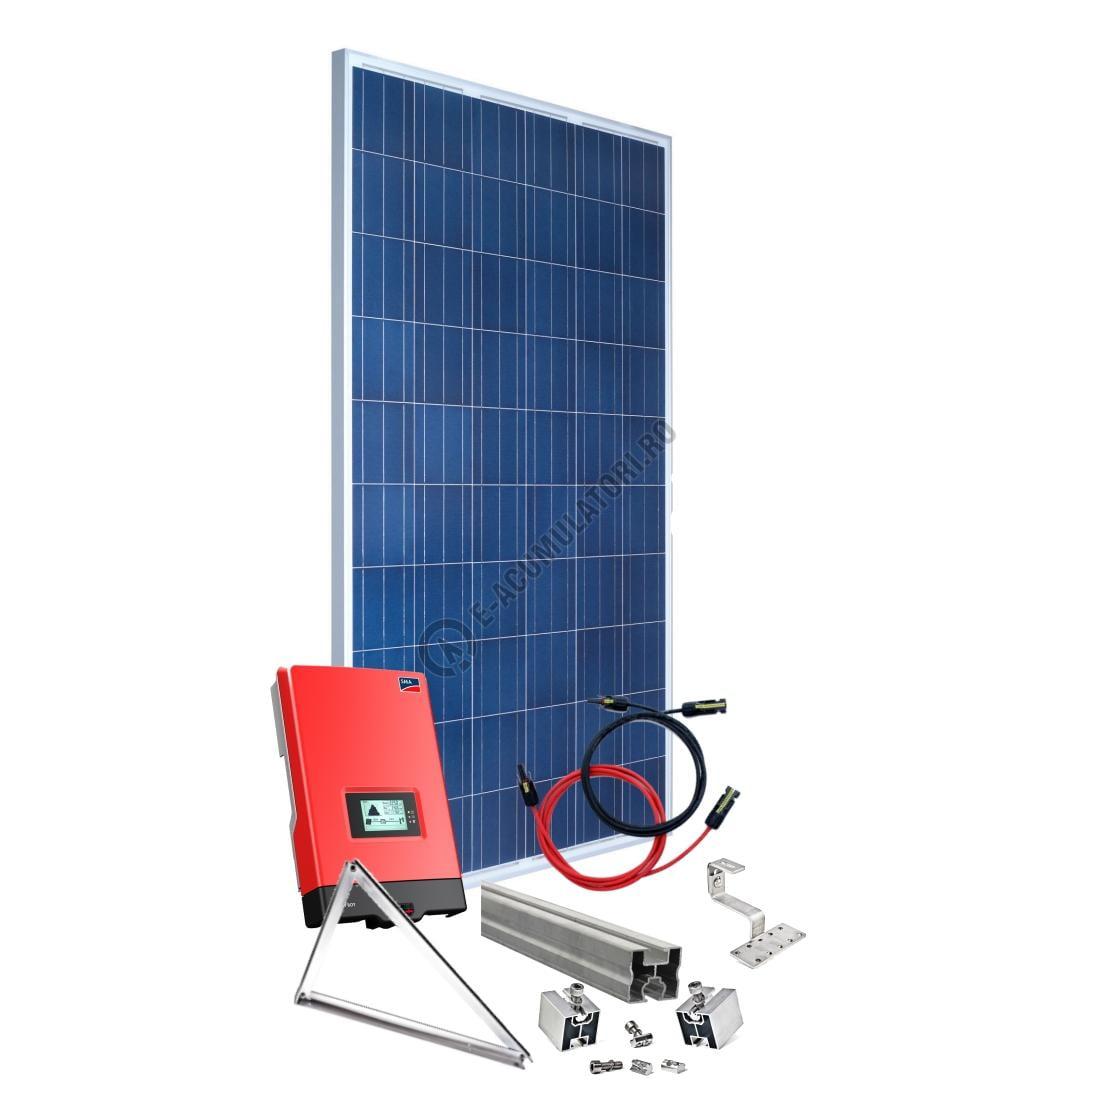 Important de stiut inainte de a alege un sistem fotovoltaic on grid